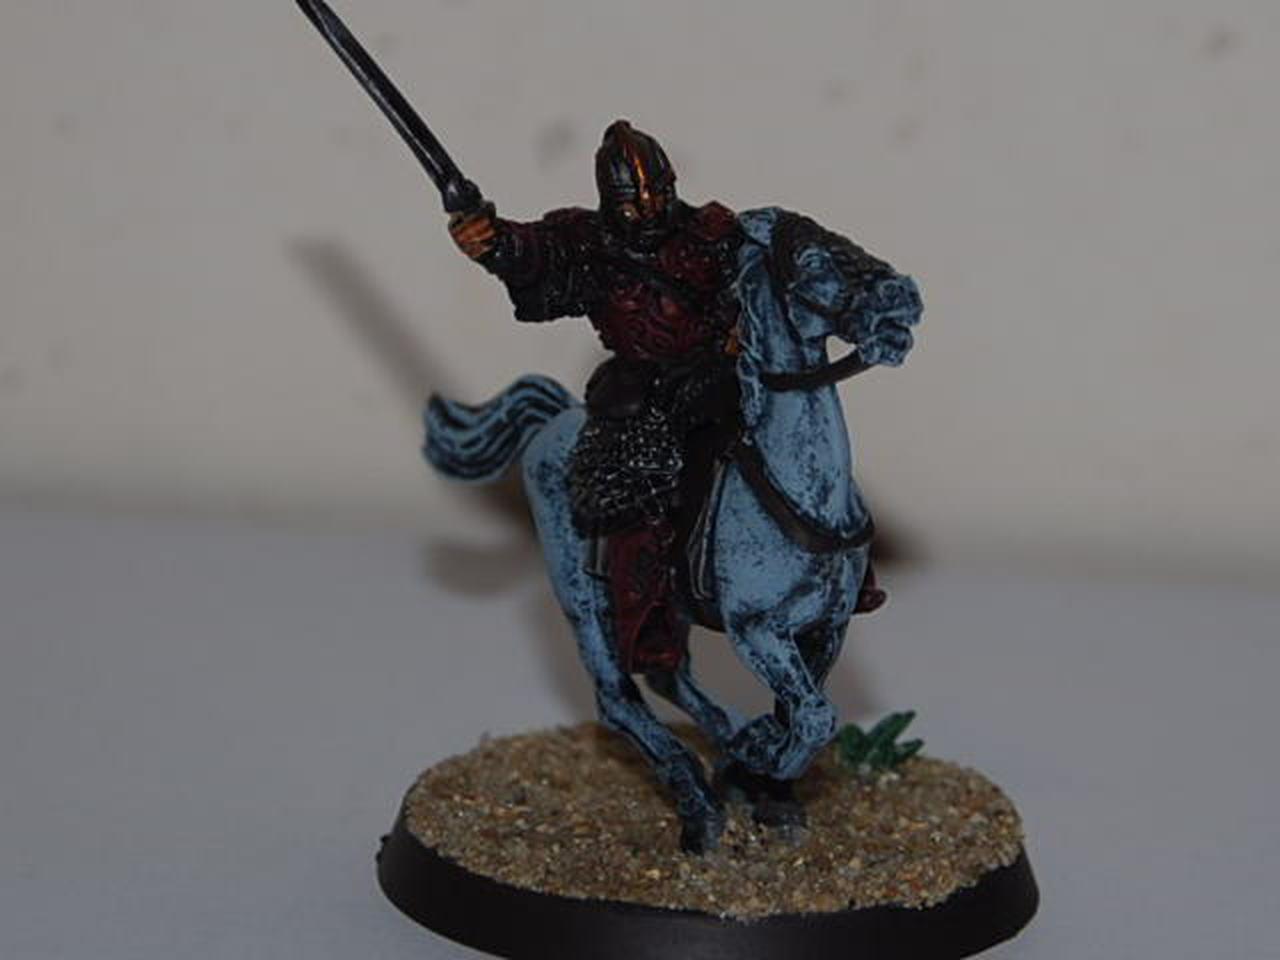 Nouvelles figurines - Page 3 16012107254020941313912992